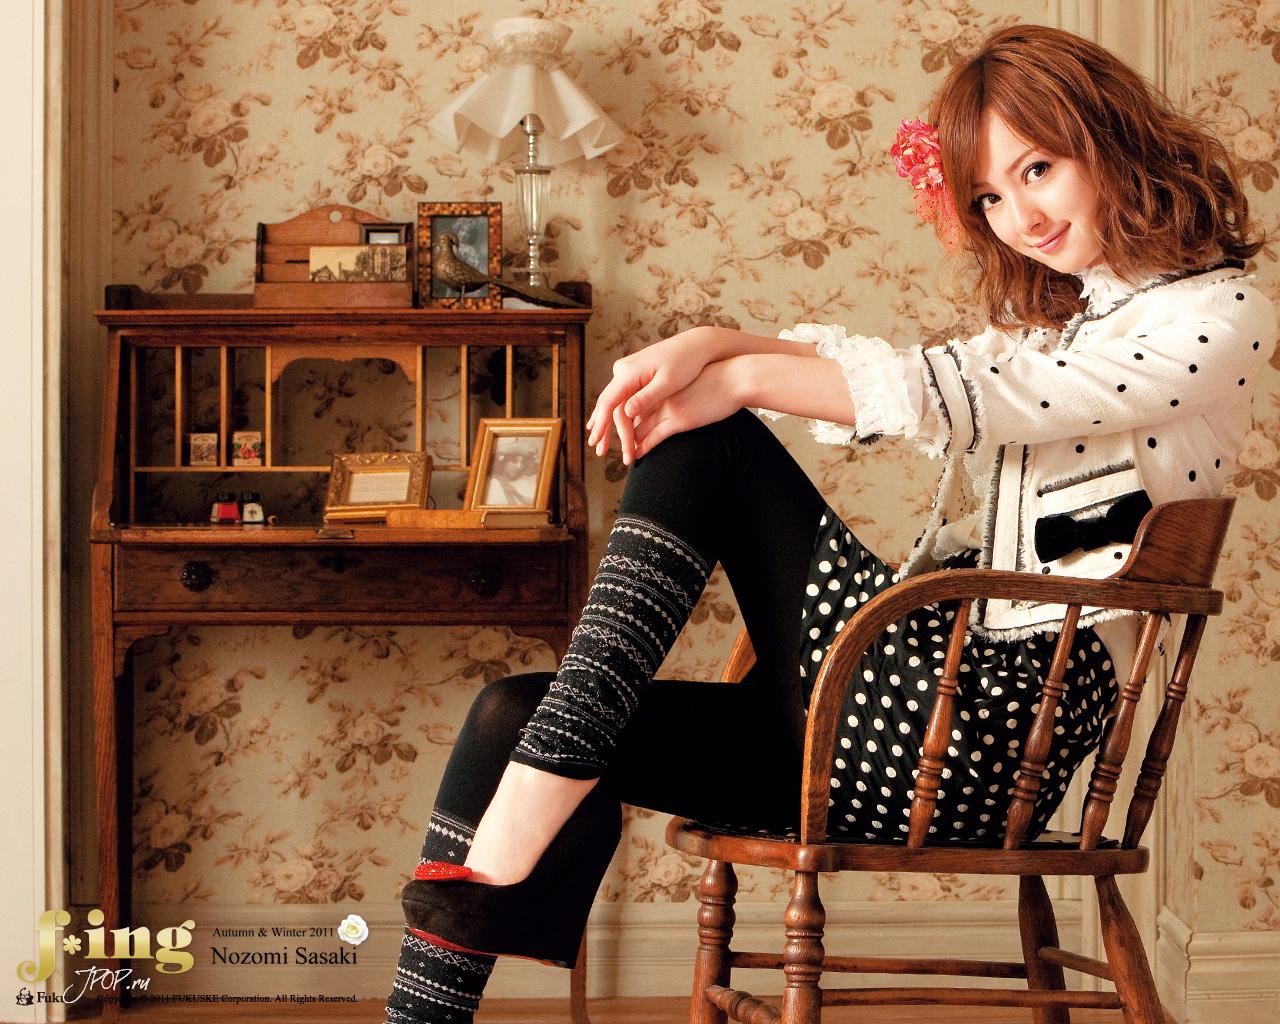 Nozomi Sasaki, fashion, promo [PH201025023418]